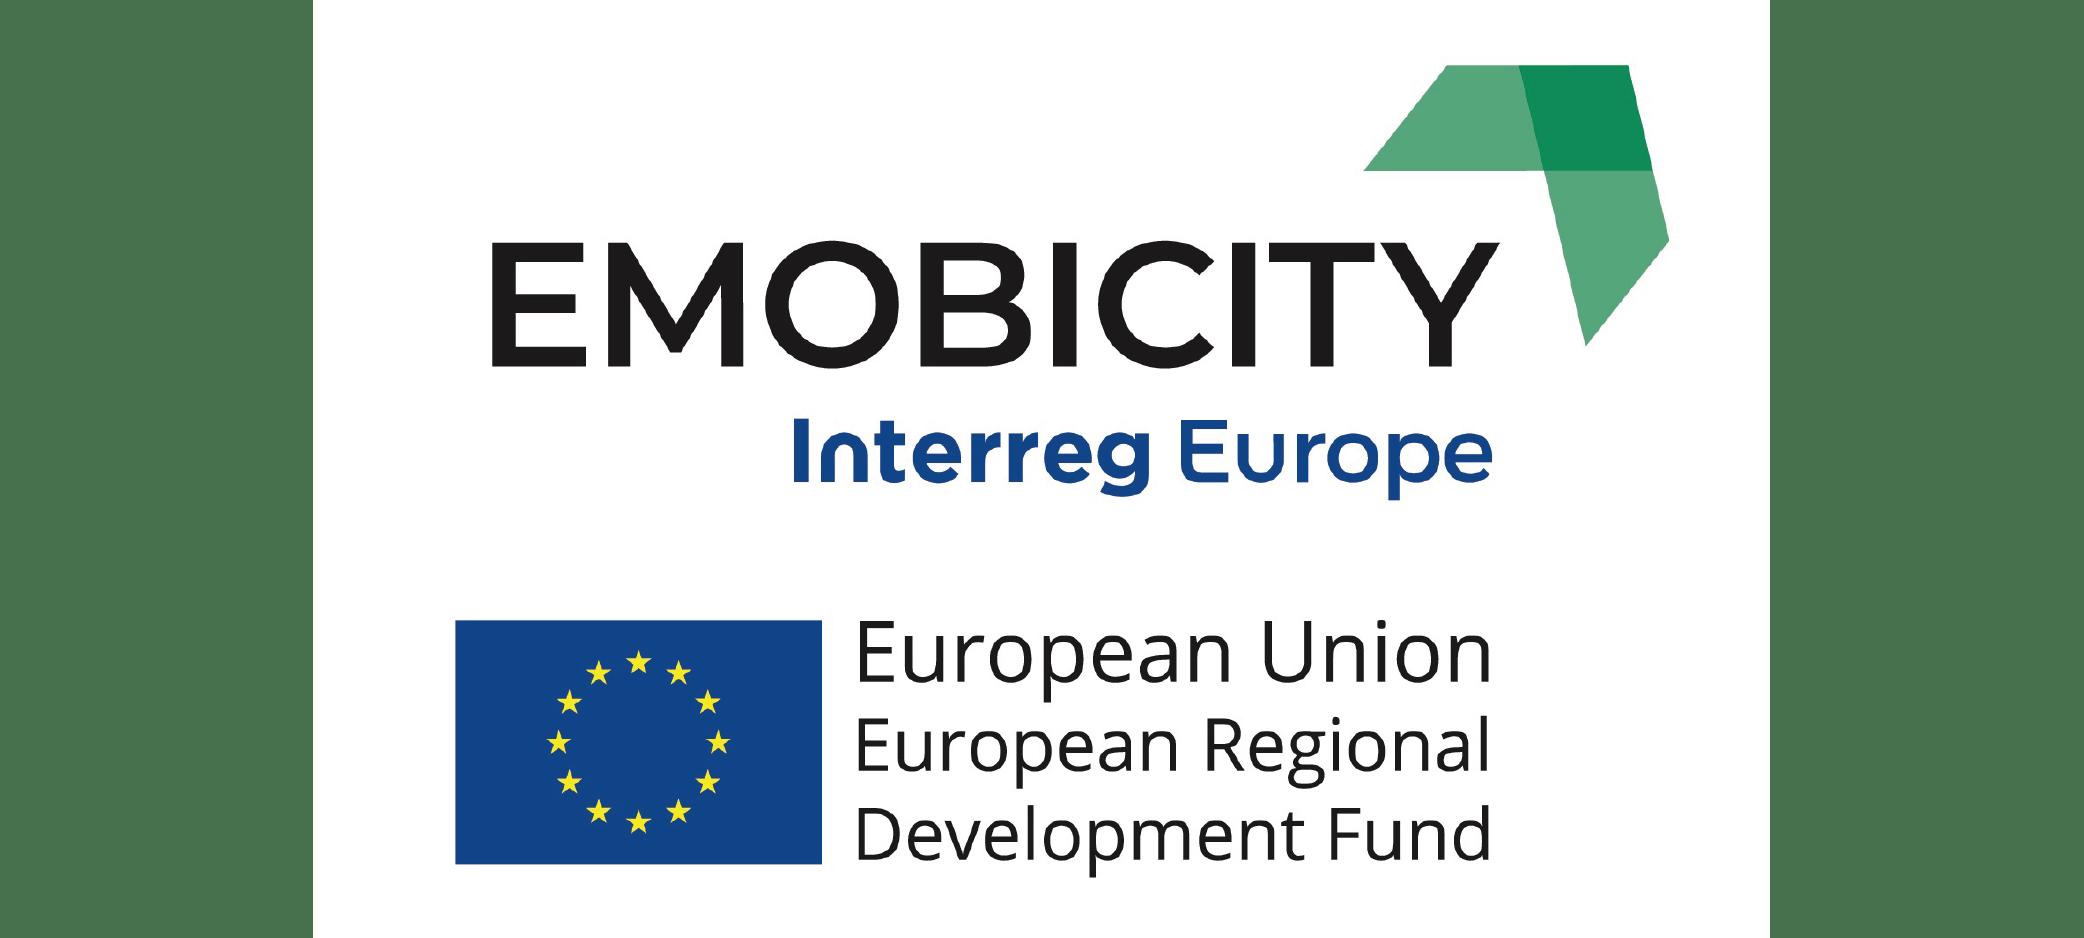 Interreg Europe escolhe boas práticas nacionais em mobilidade elétrica